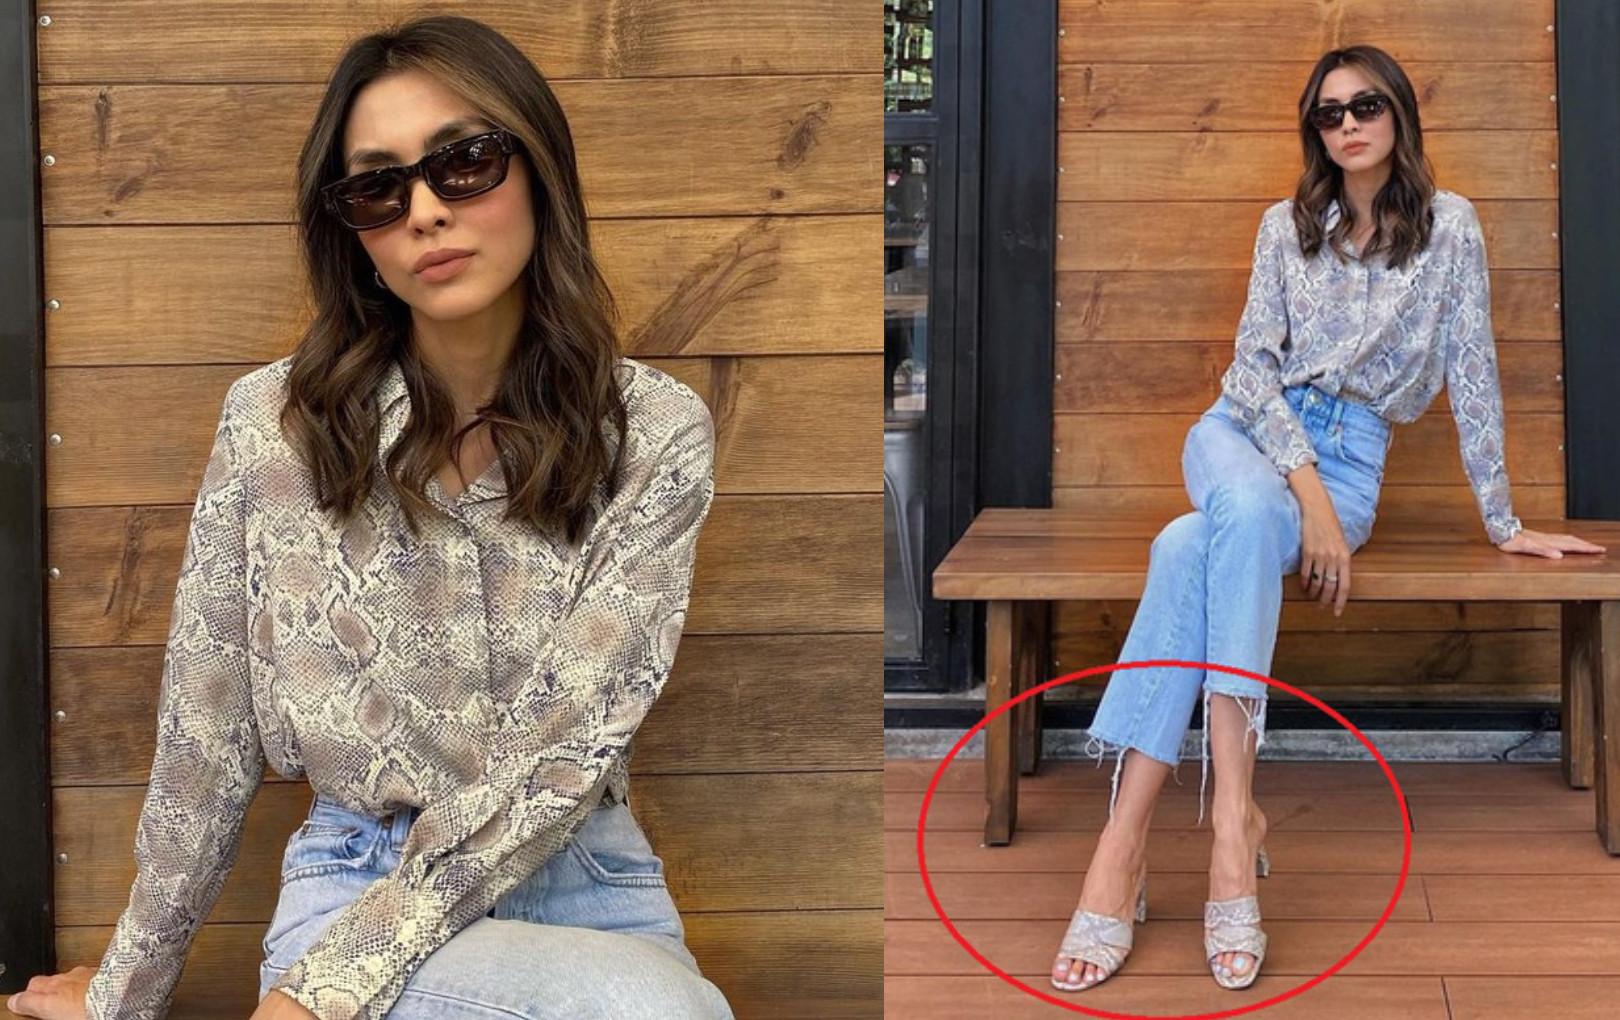 Tăng Thanh Hà khoe kiểu tóc mới nhưng đôi chân gân guốc mới là điều khiến nhiều người lo lắng